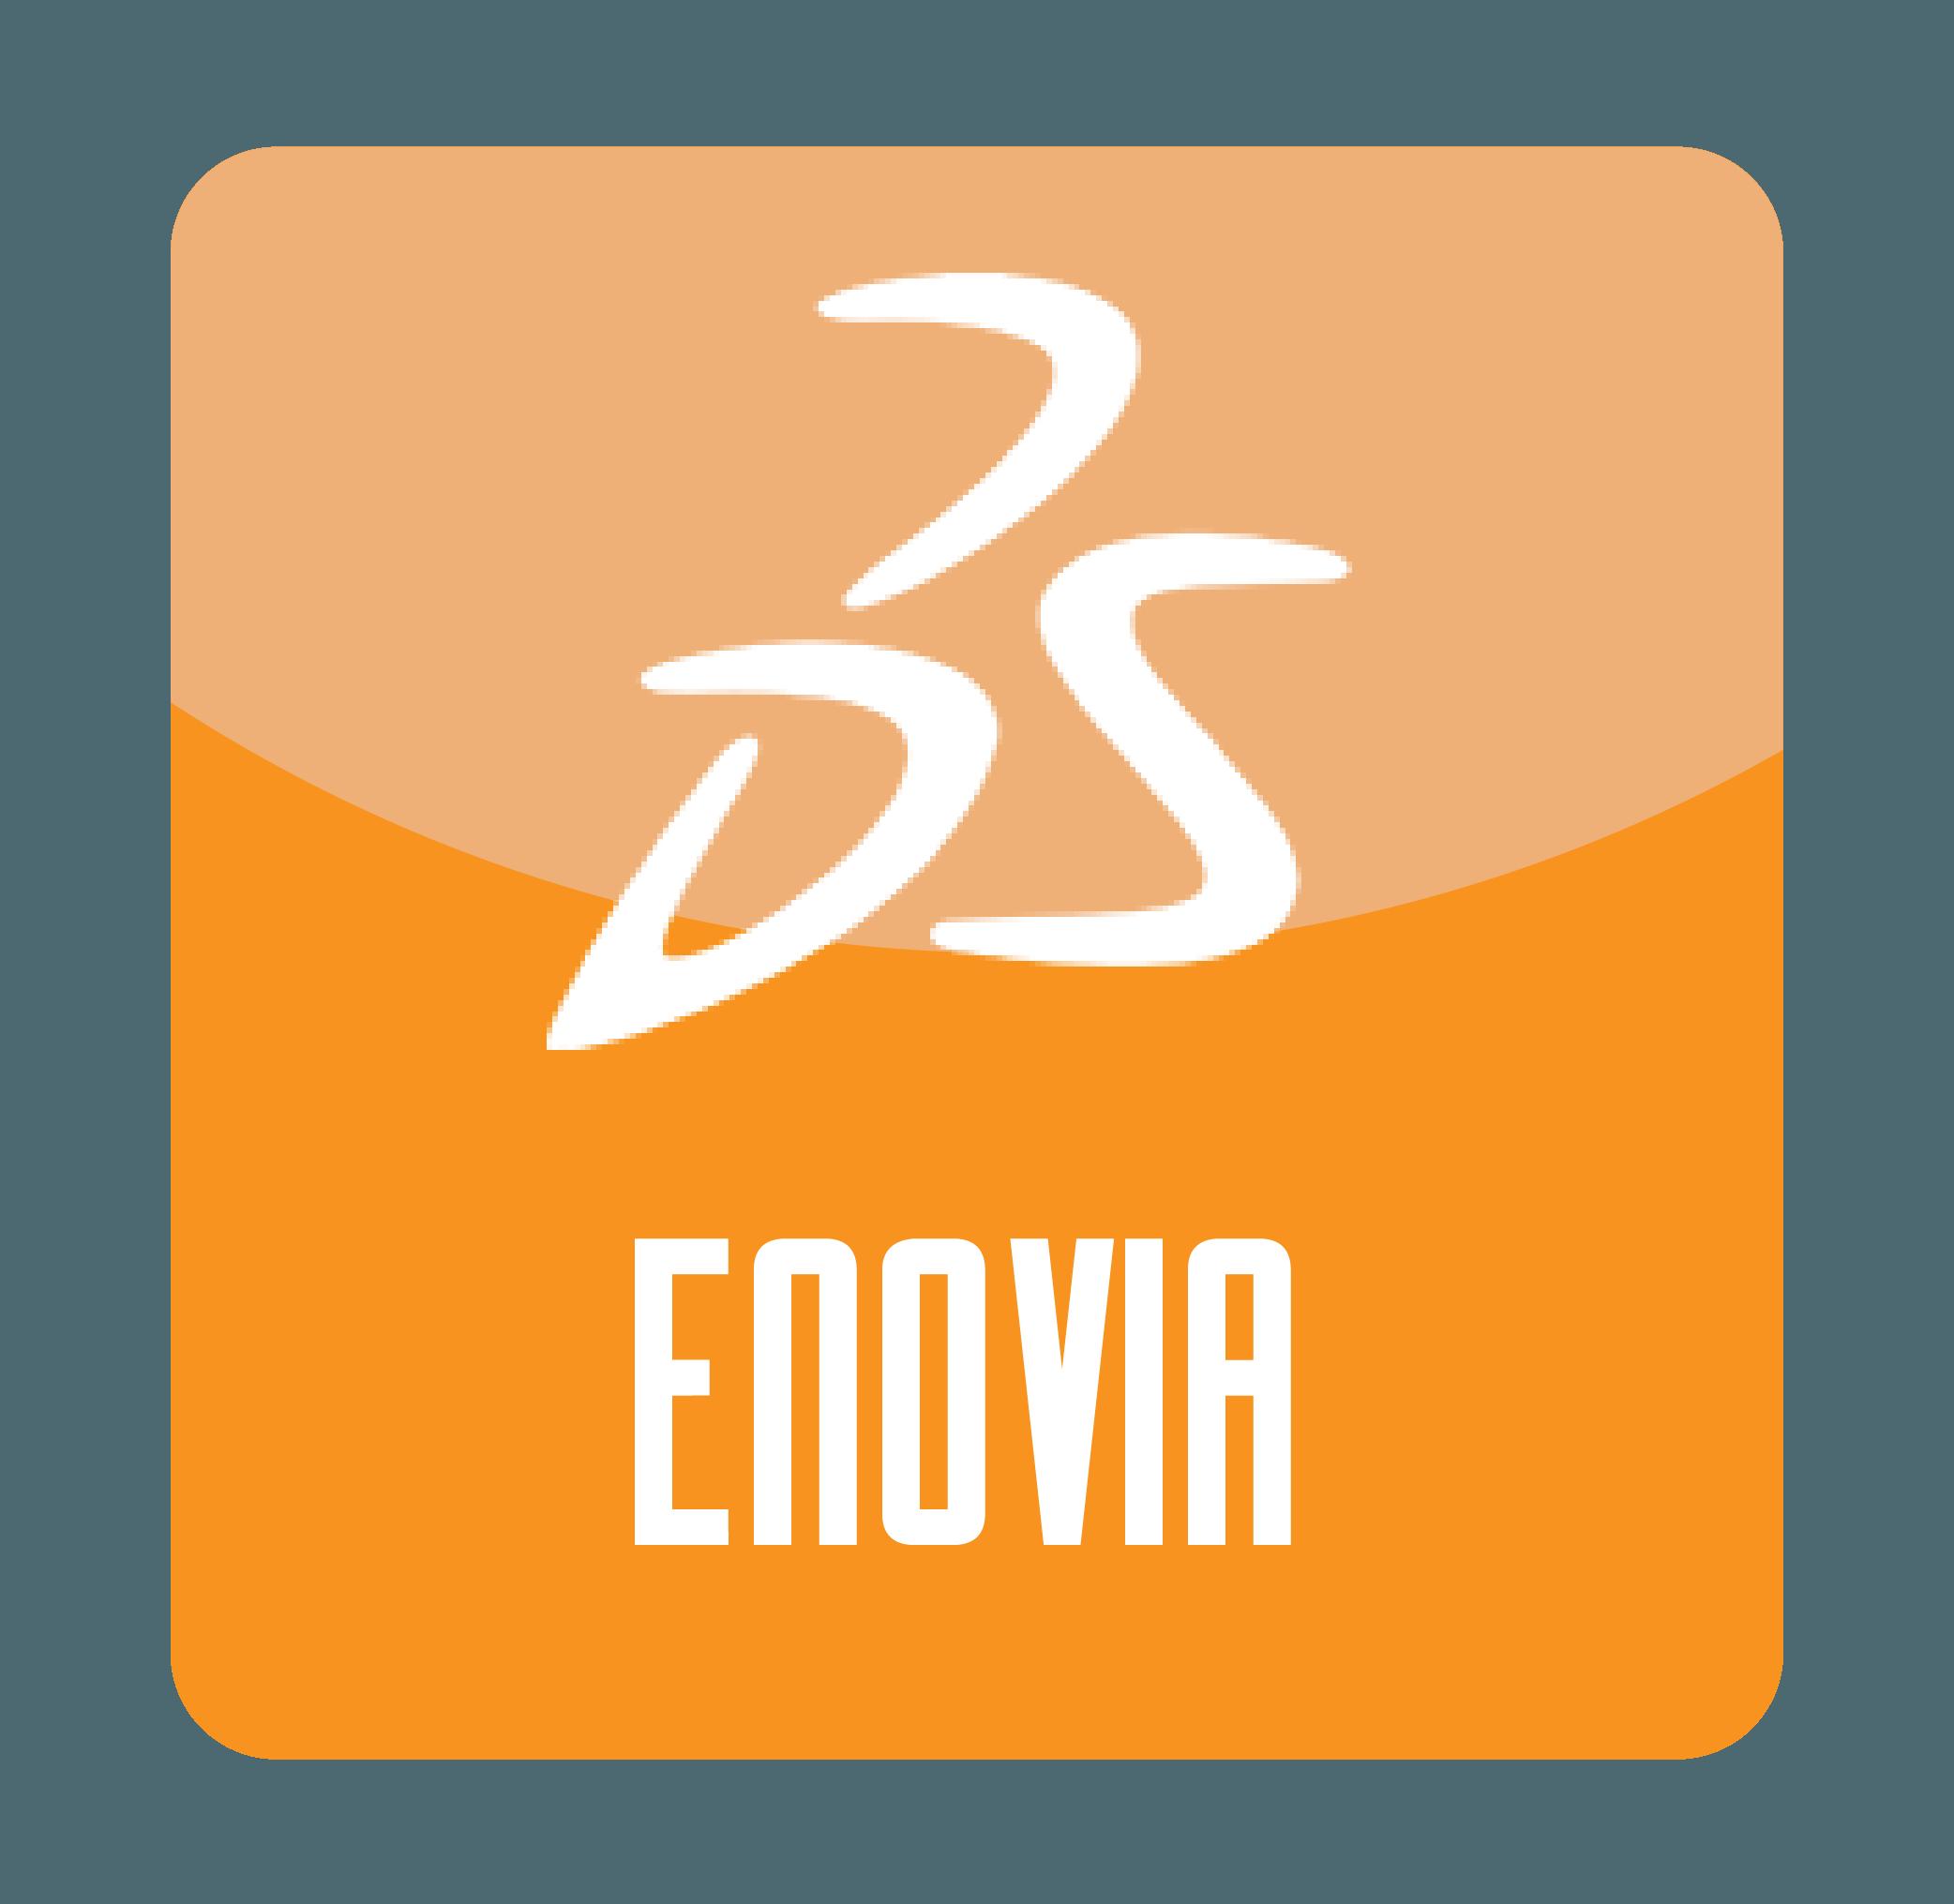 ENOVIA